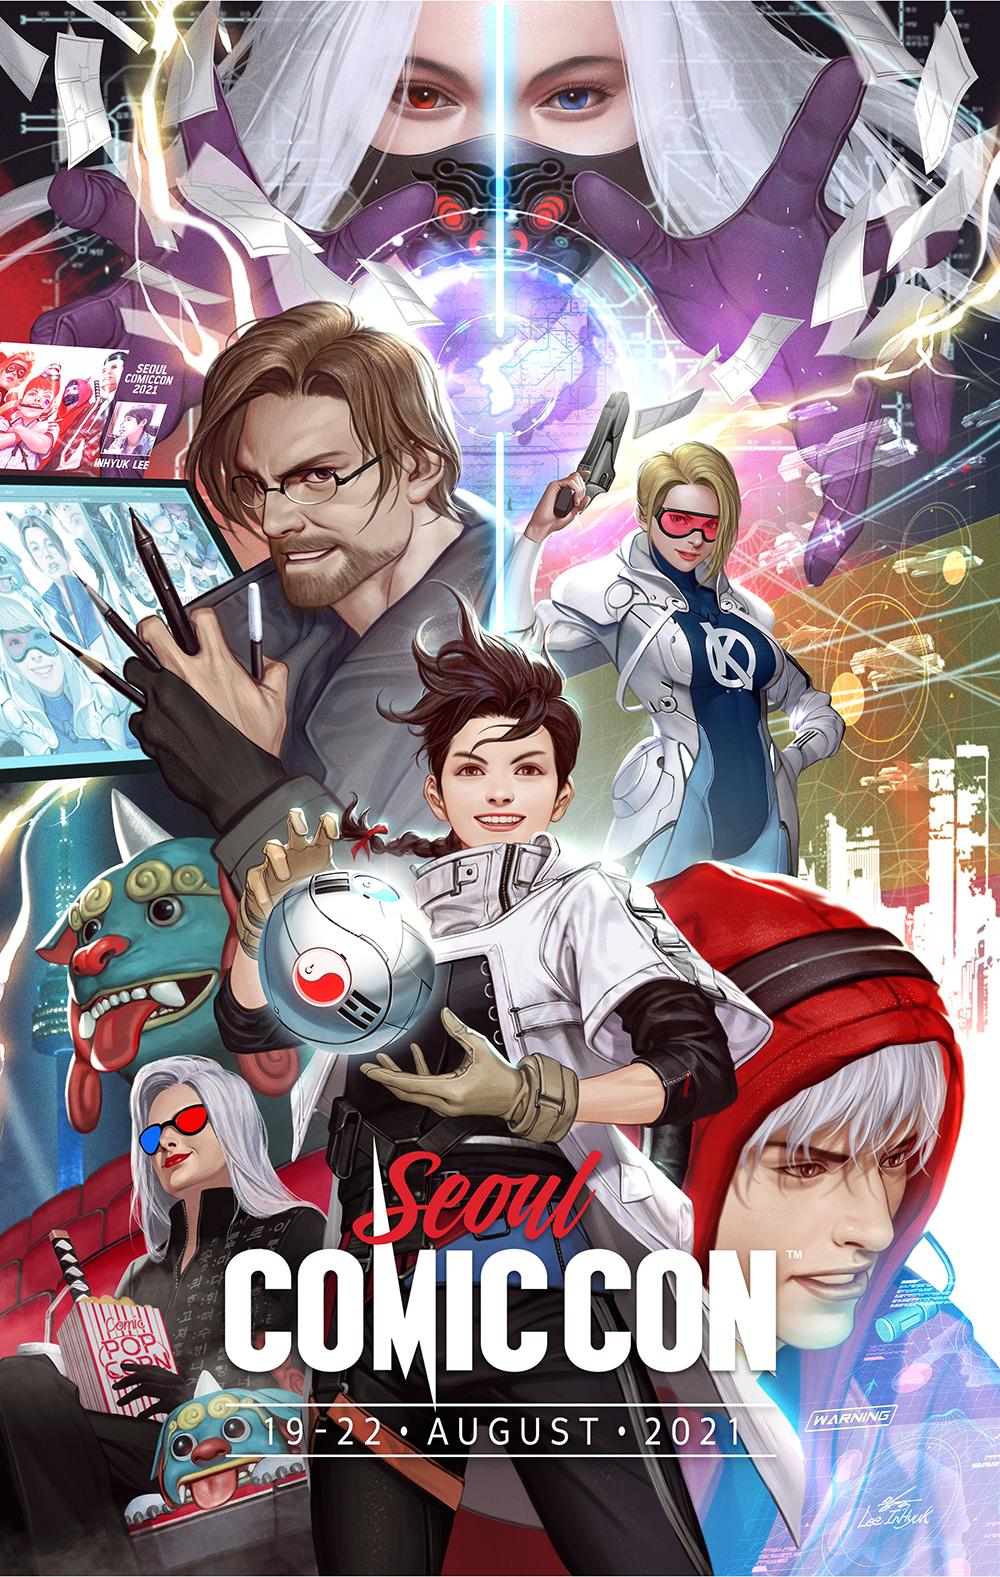 서울 코믹콘 포스터